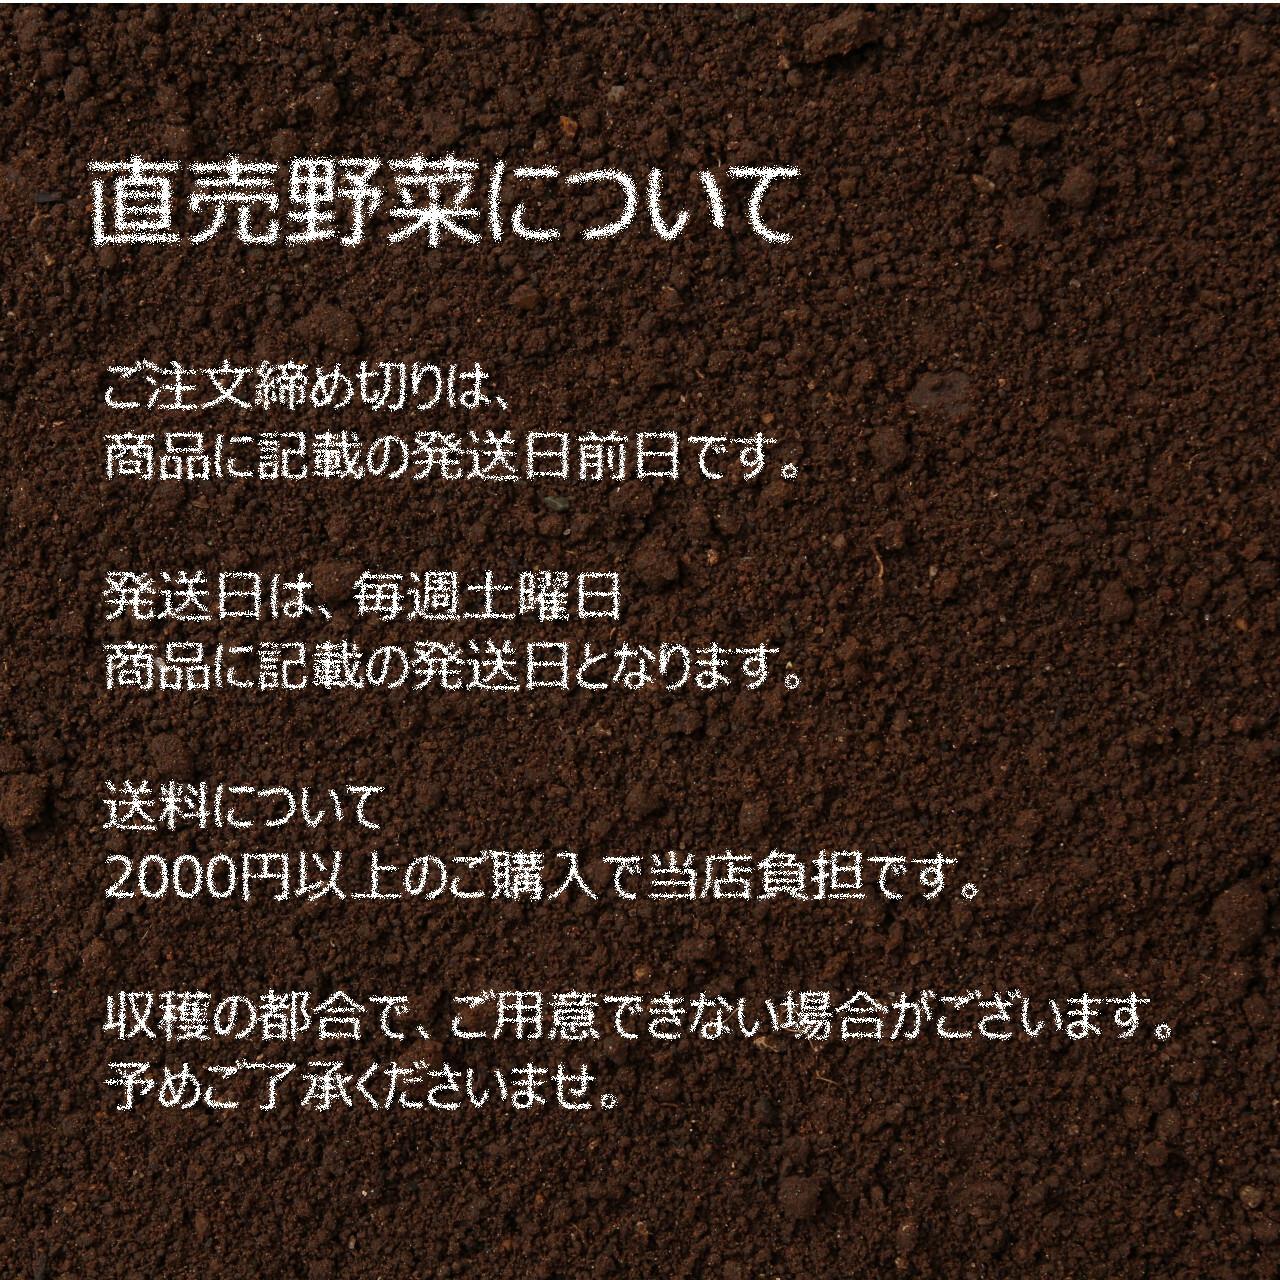 5月の朝採り直売野菜 春菊 約250g 新鮮な春野菜 5月9日発送予定